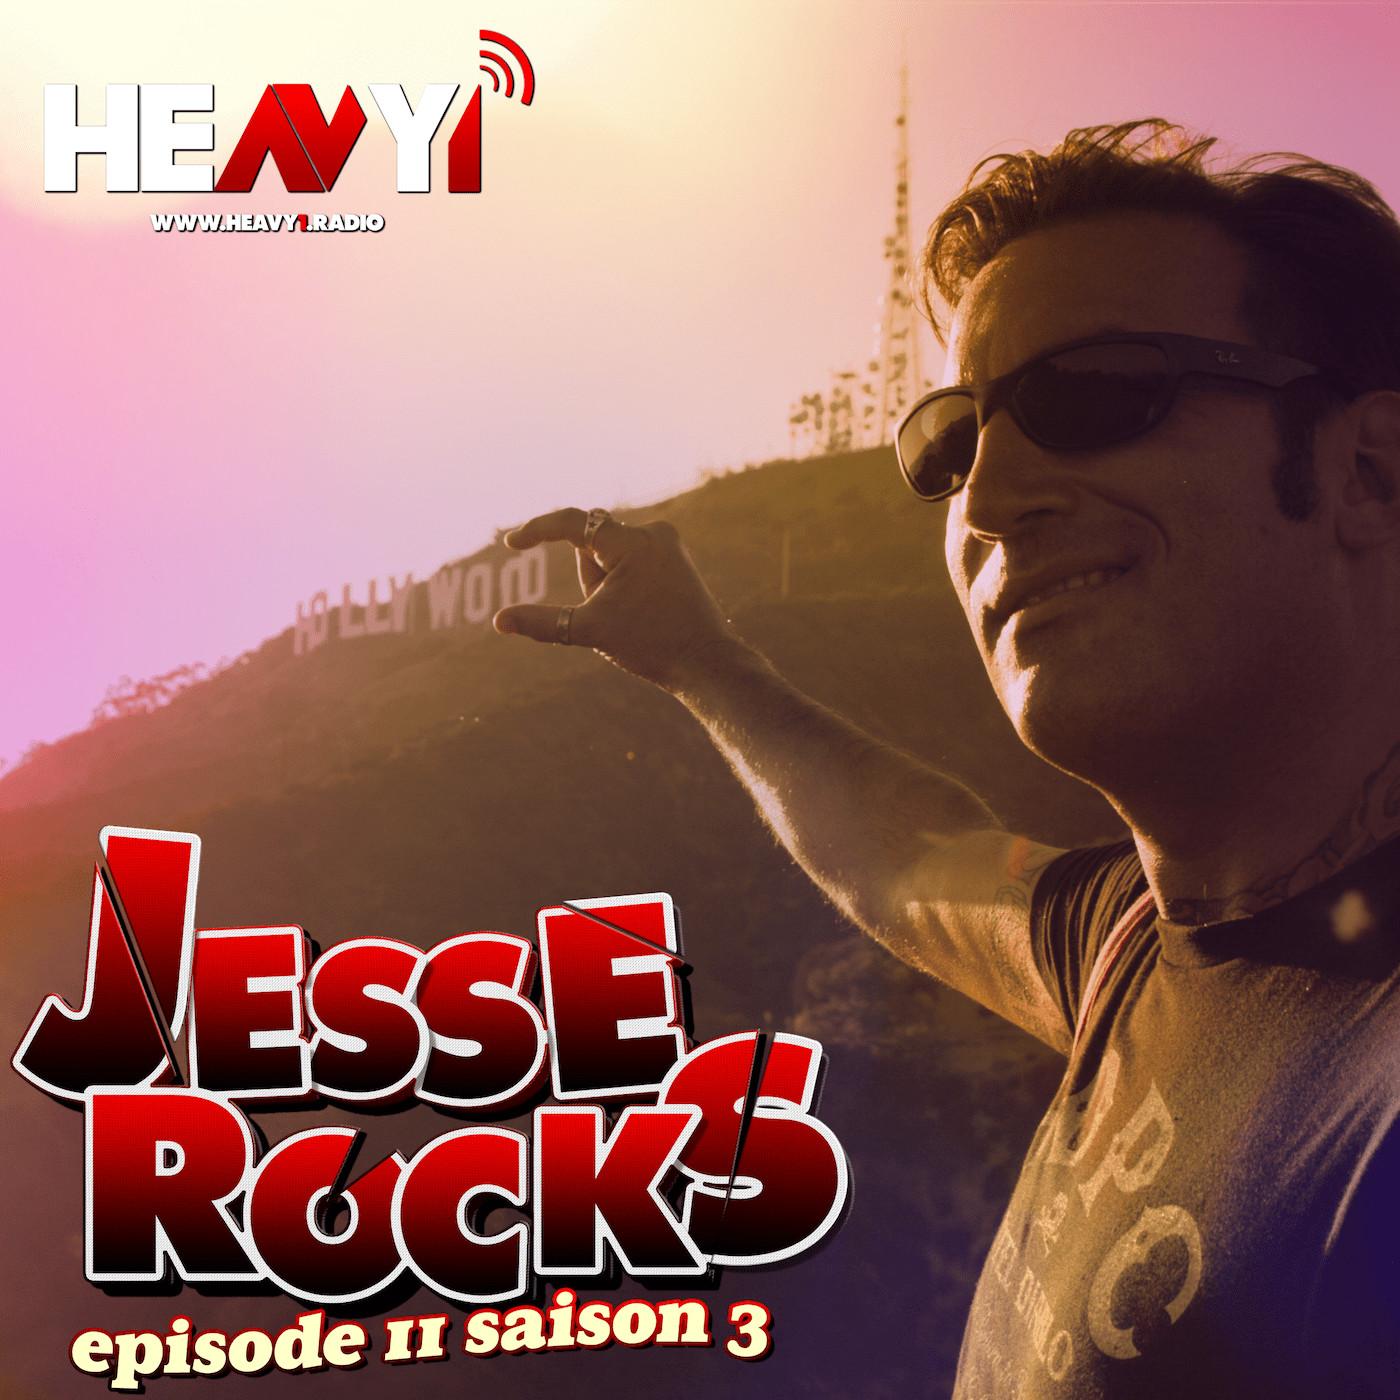 Jesse Rocks #11 Saison 3